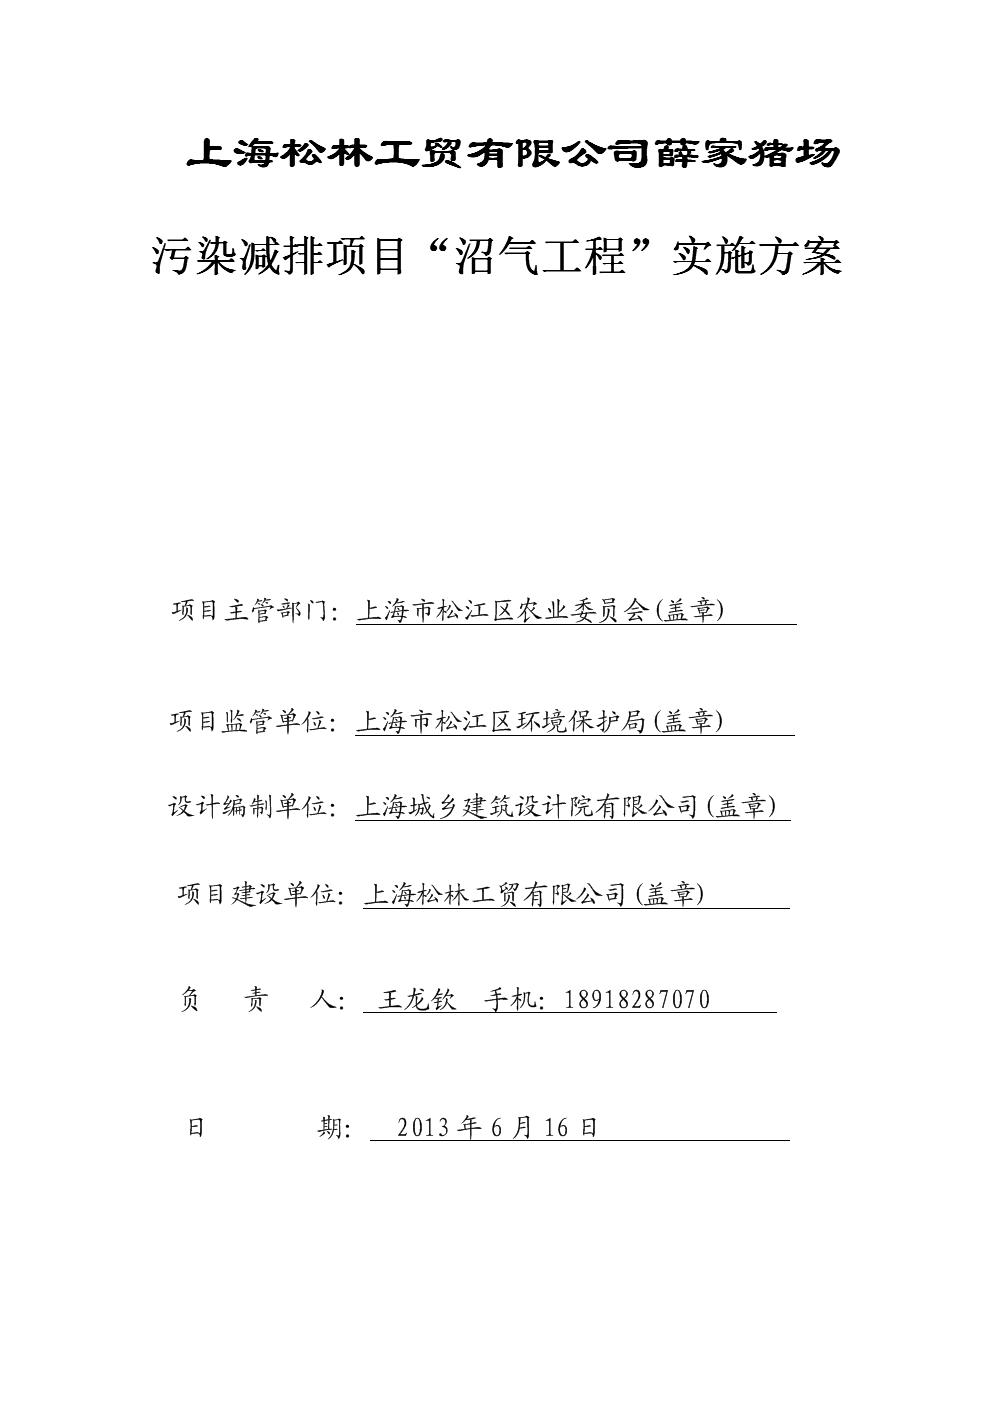 """污染减排项目""""沼气工程""""实施方案 64P.doc"""